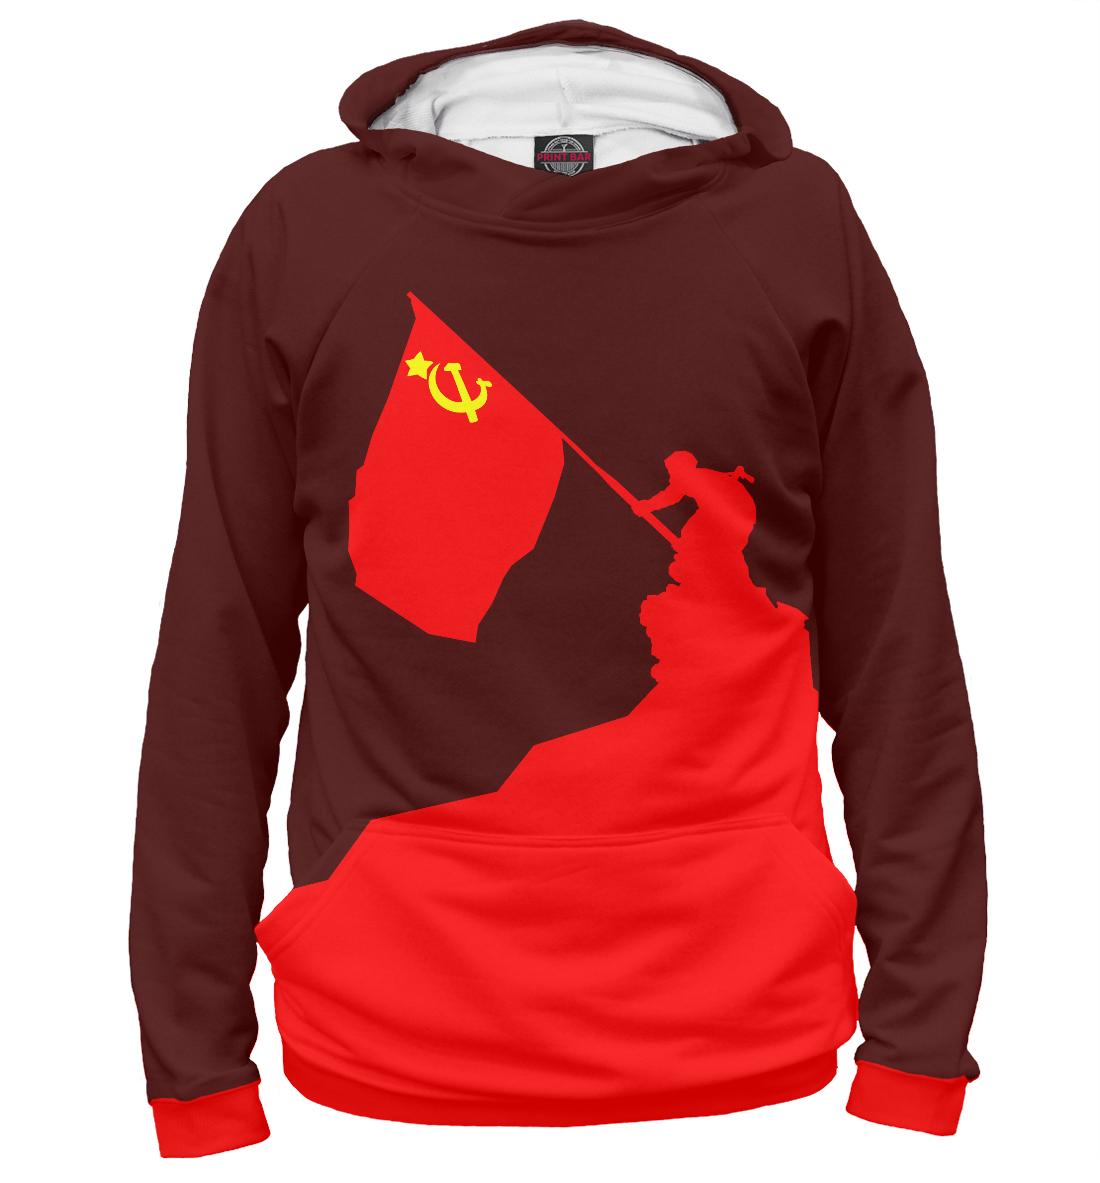 Купить Флаг СССР, Printbar, Худи, SSS-773181-hud-1